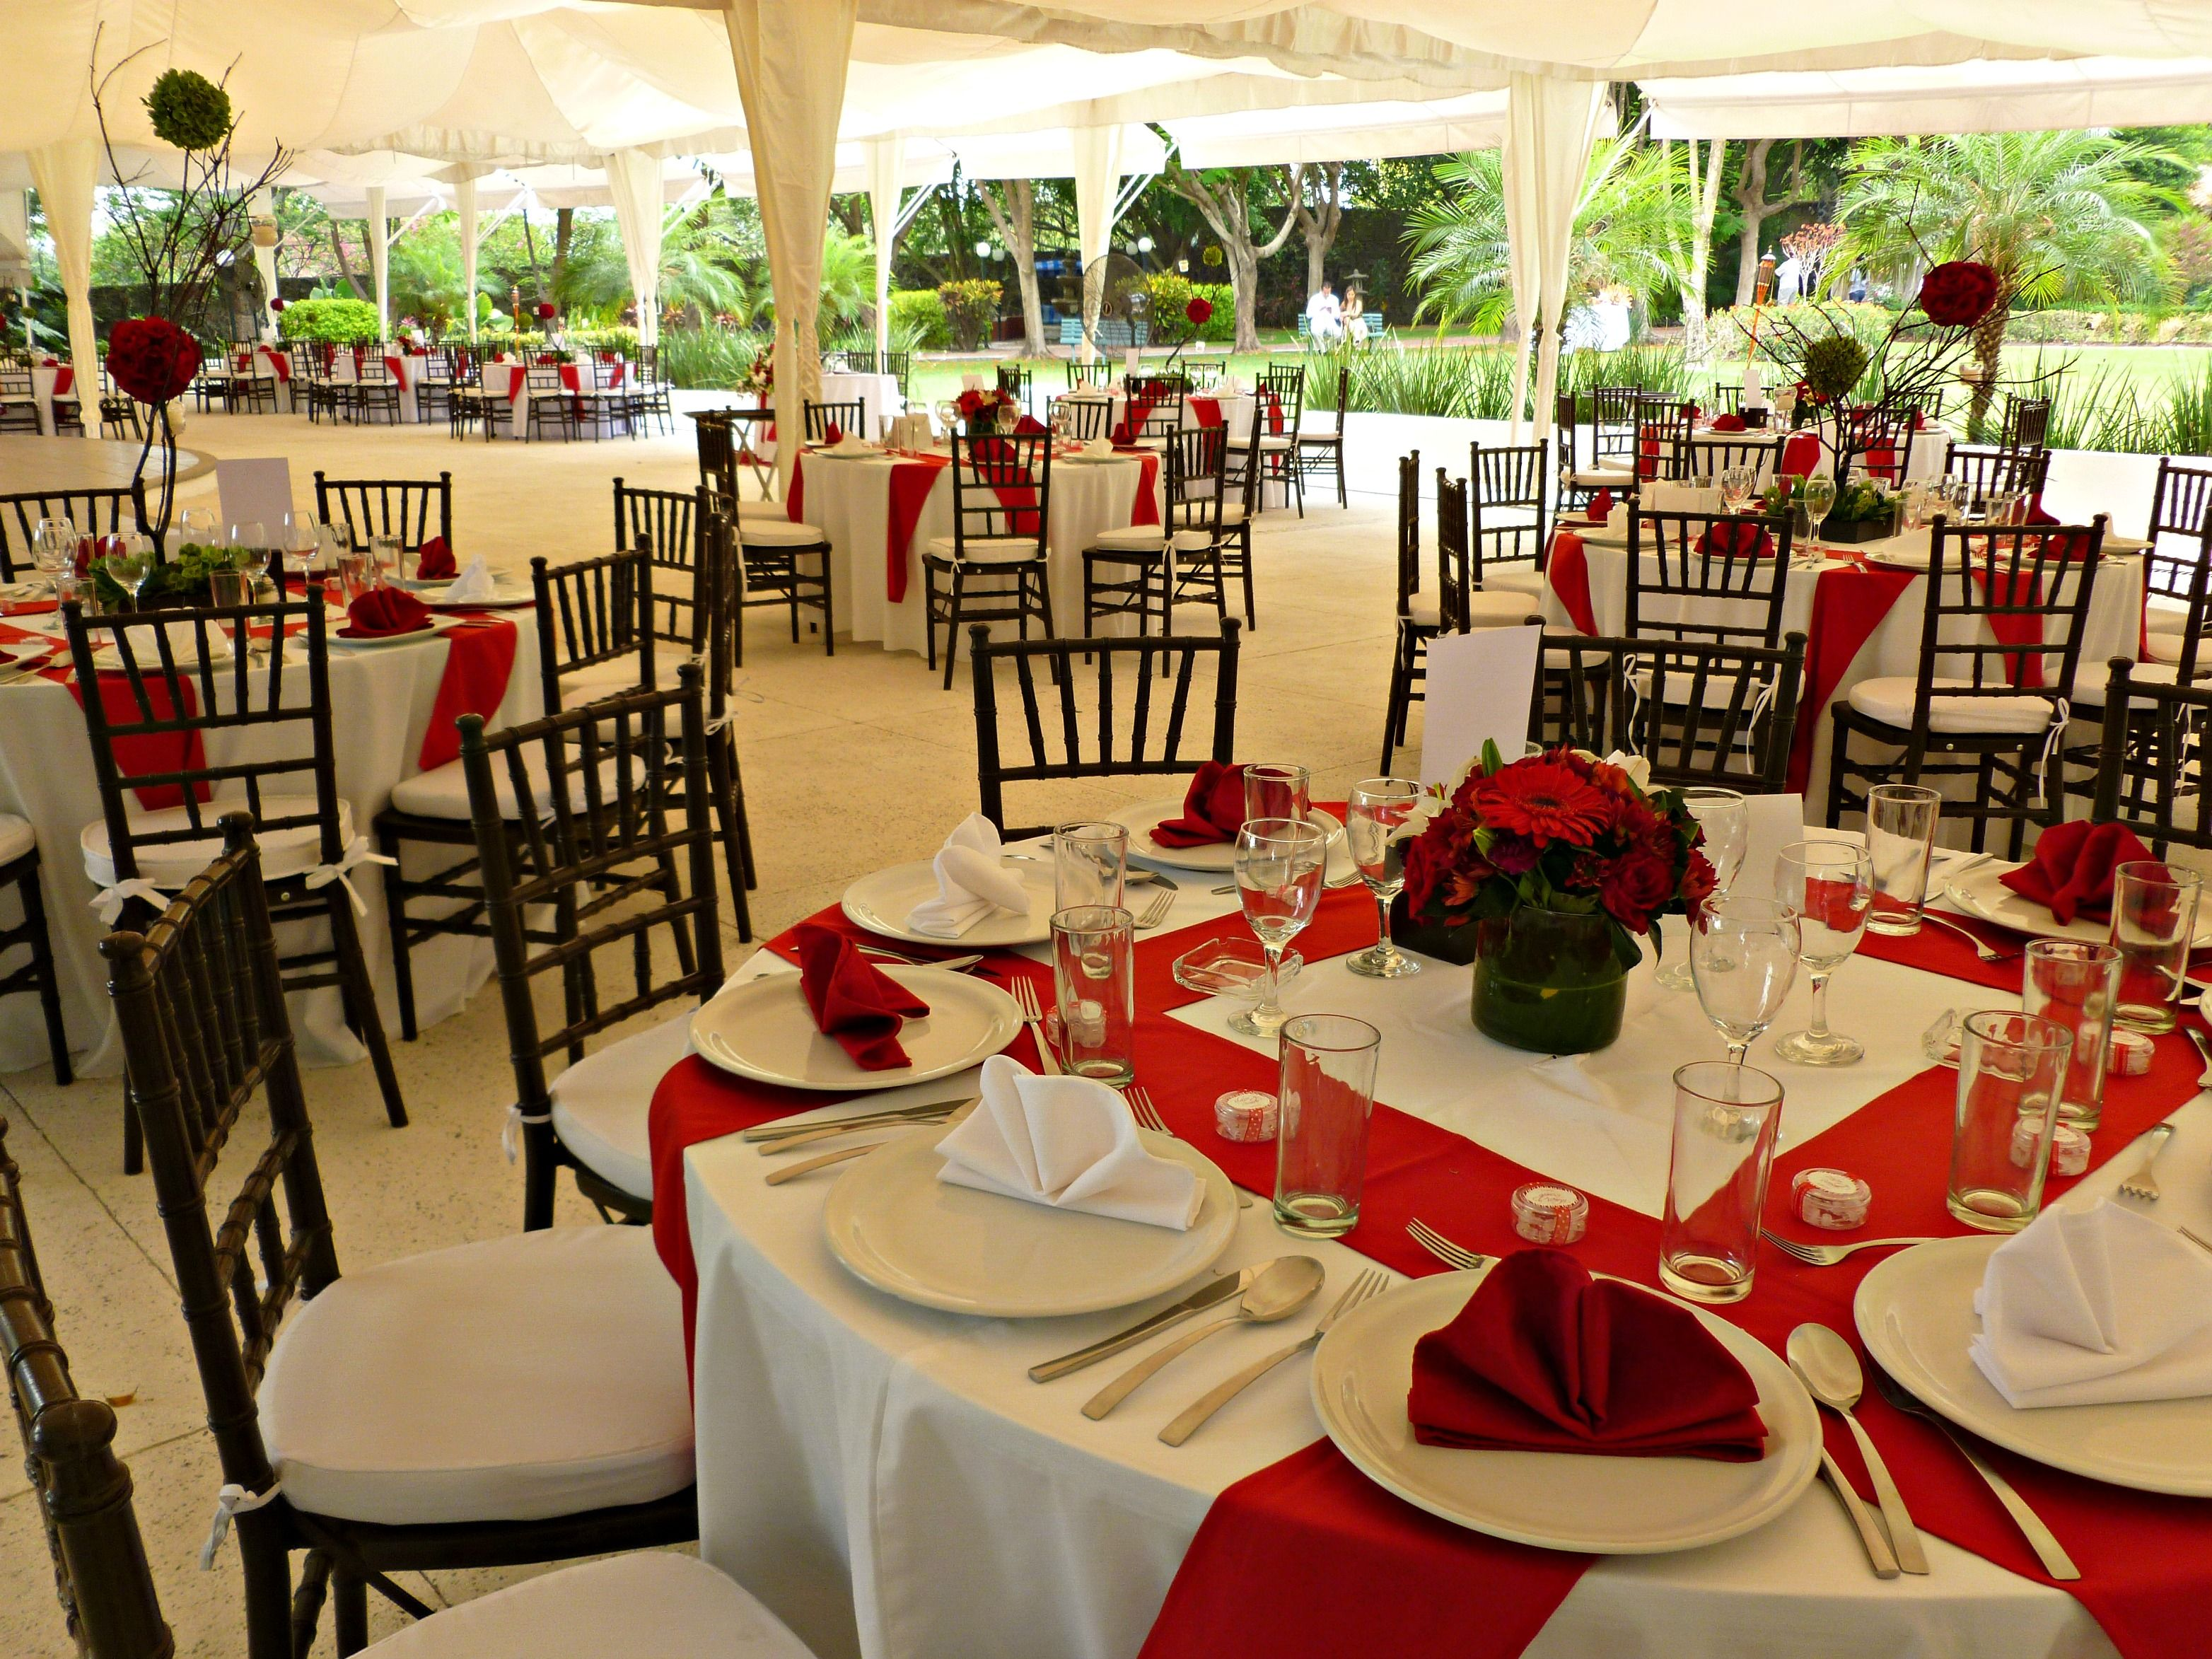 Montaje de boda en mesas redondas sillas tiffany for Mesas redondas plegables para eventos